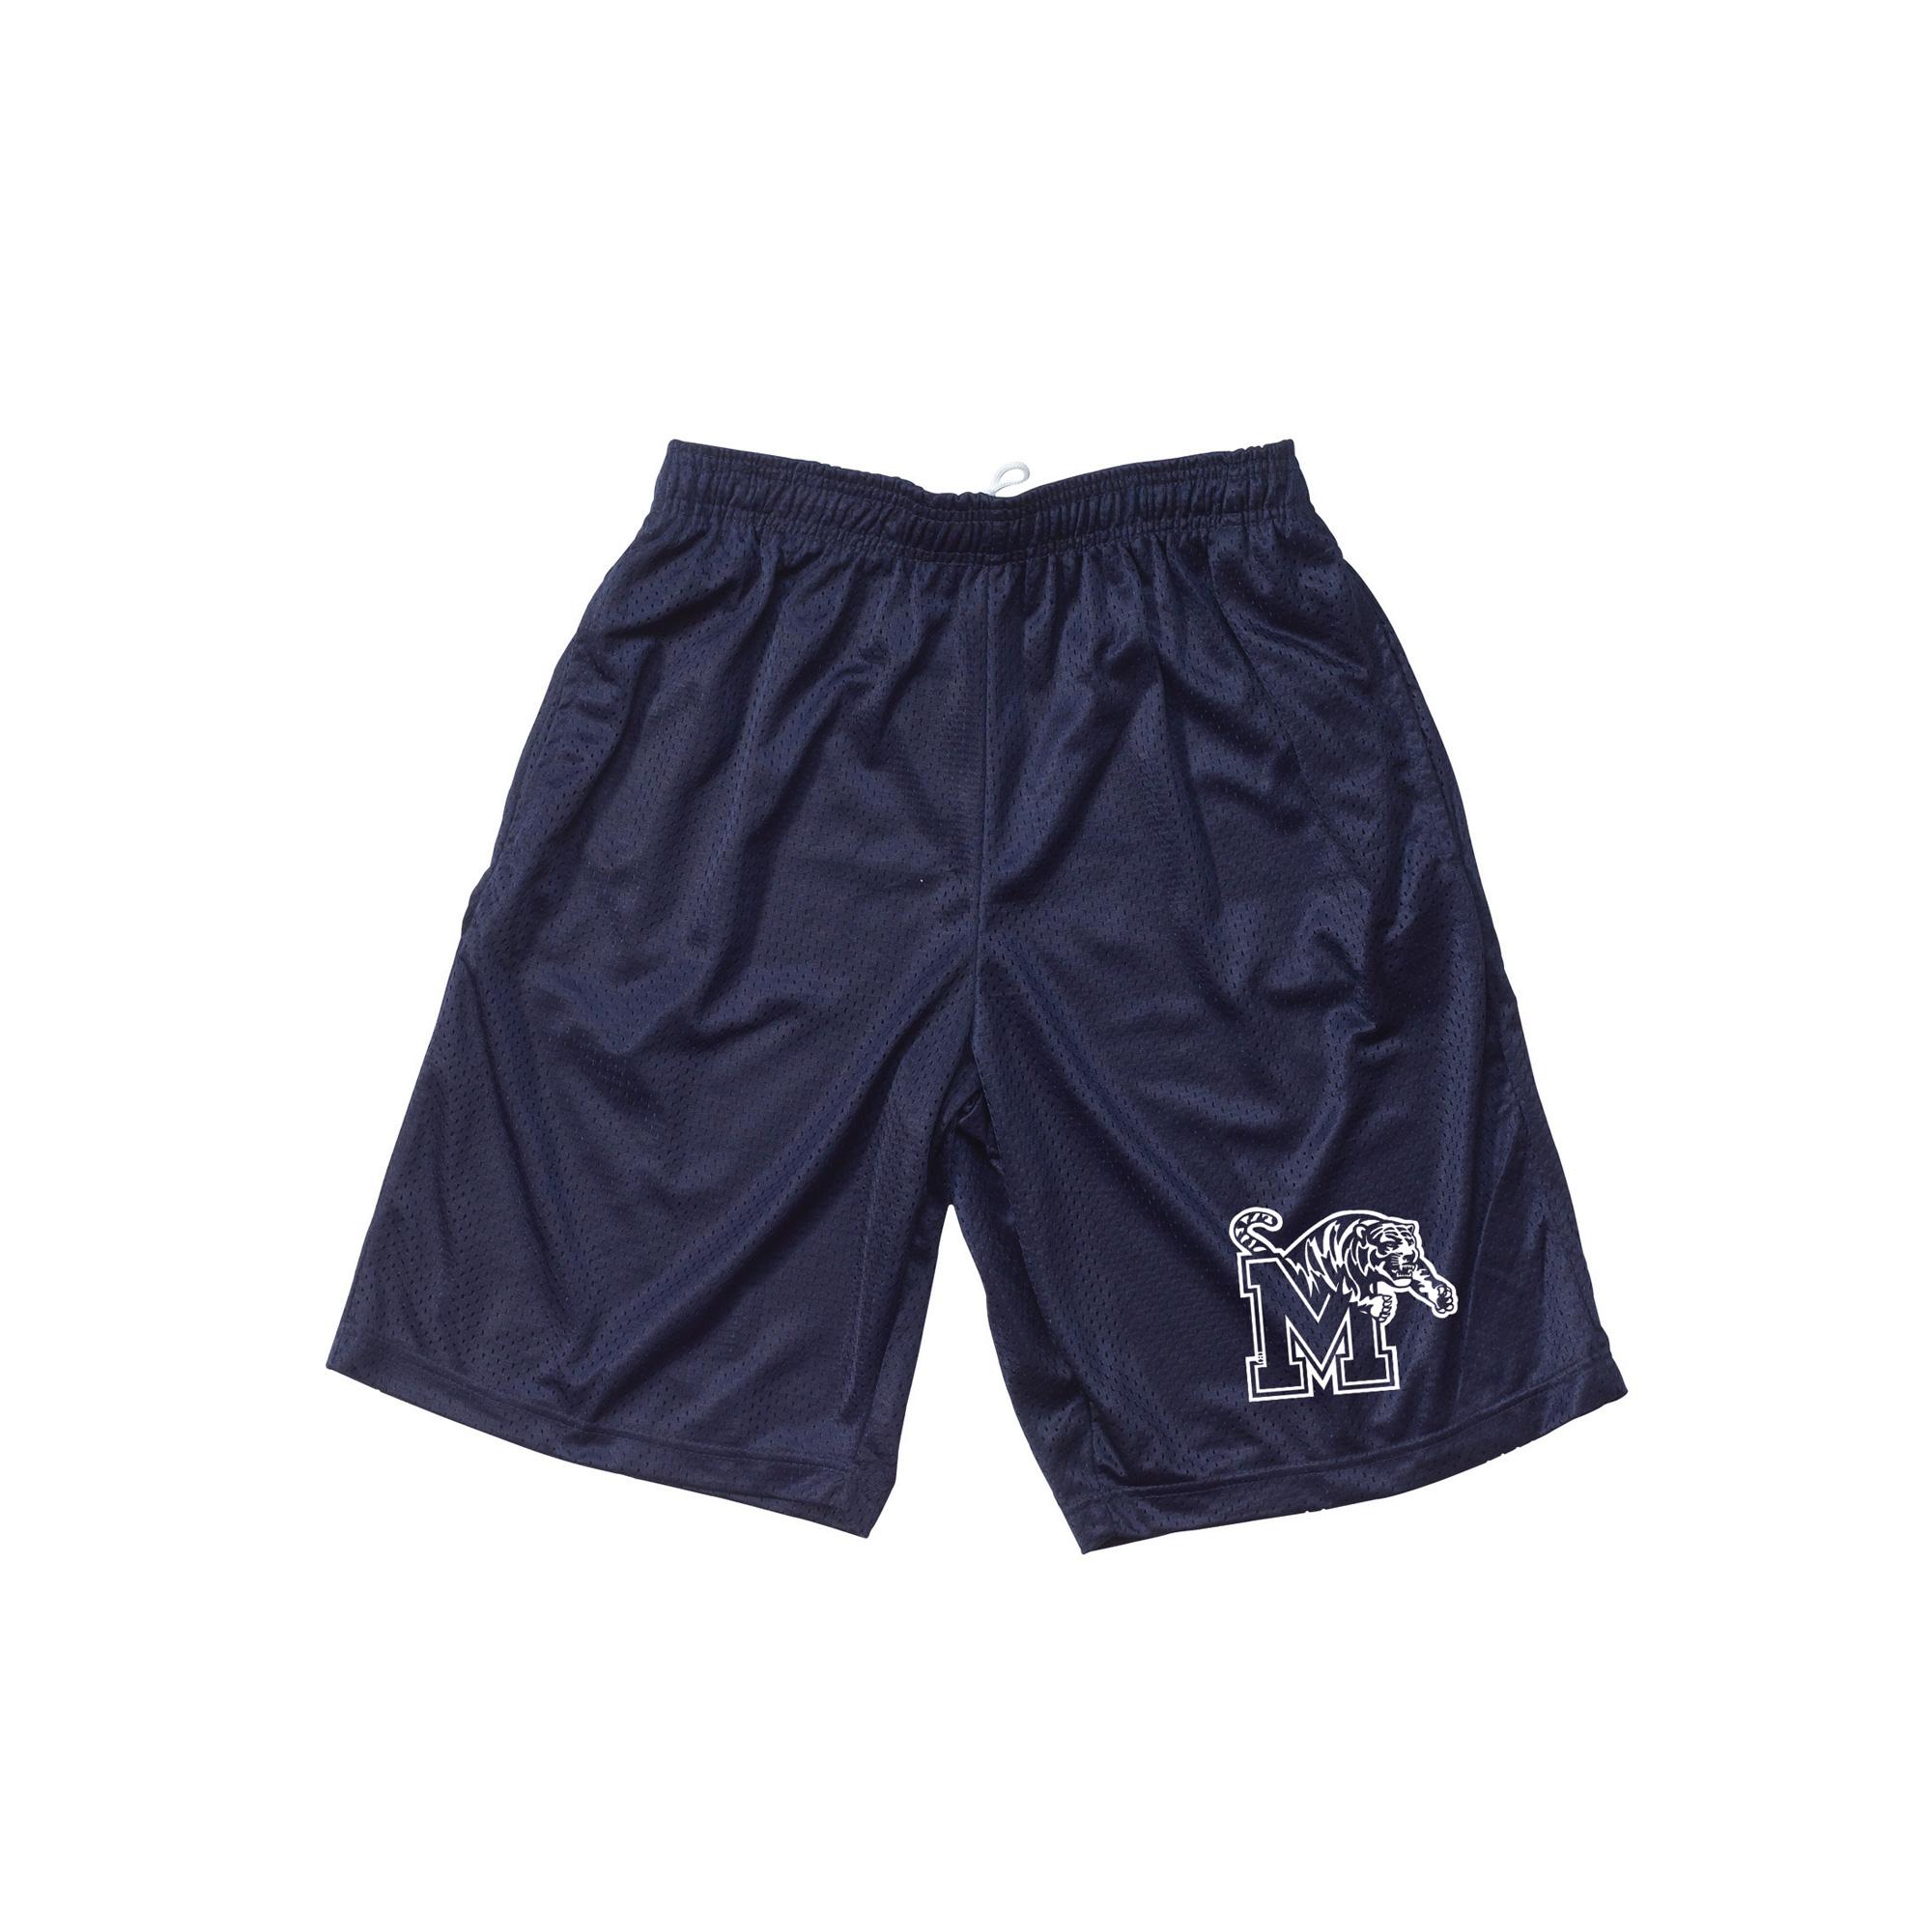 Navy Mesh Short